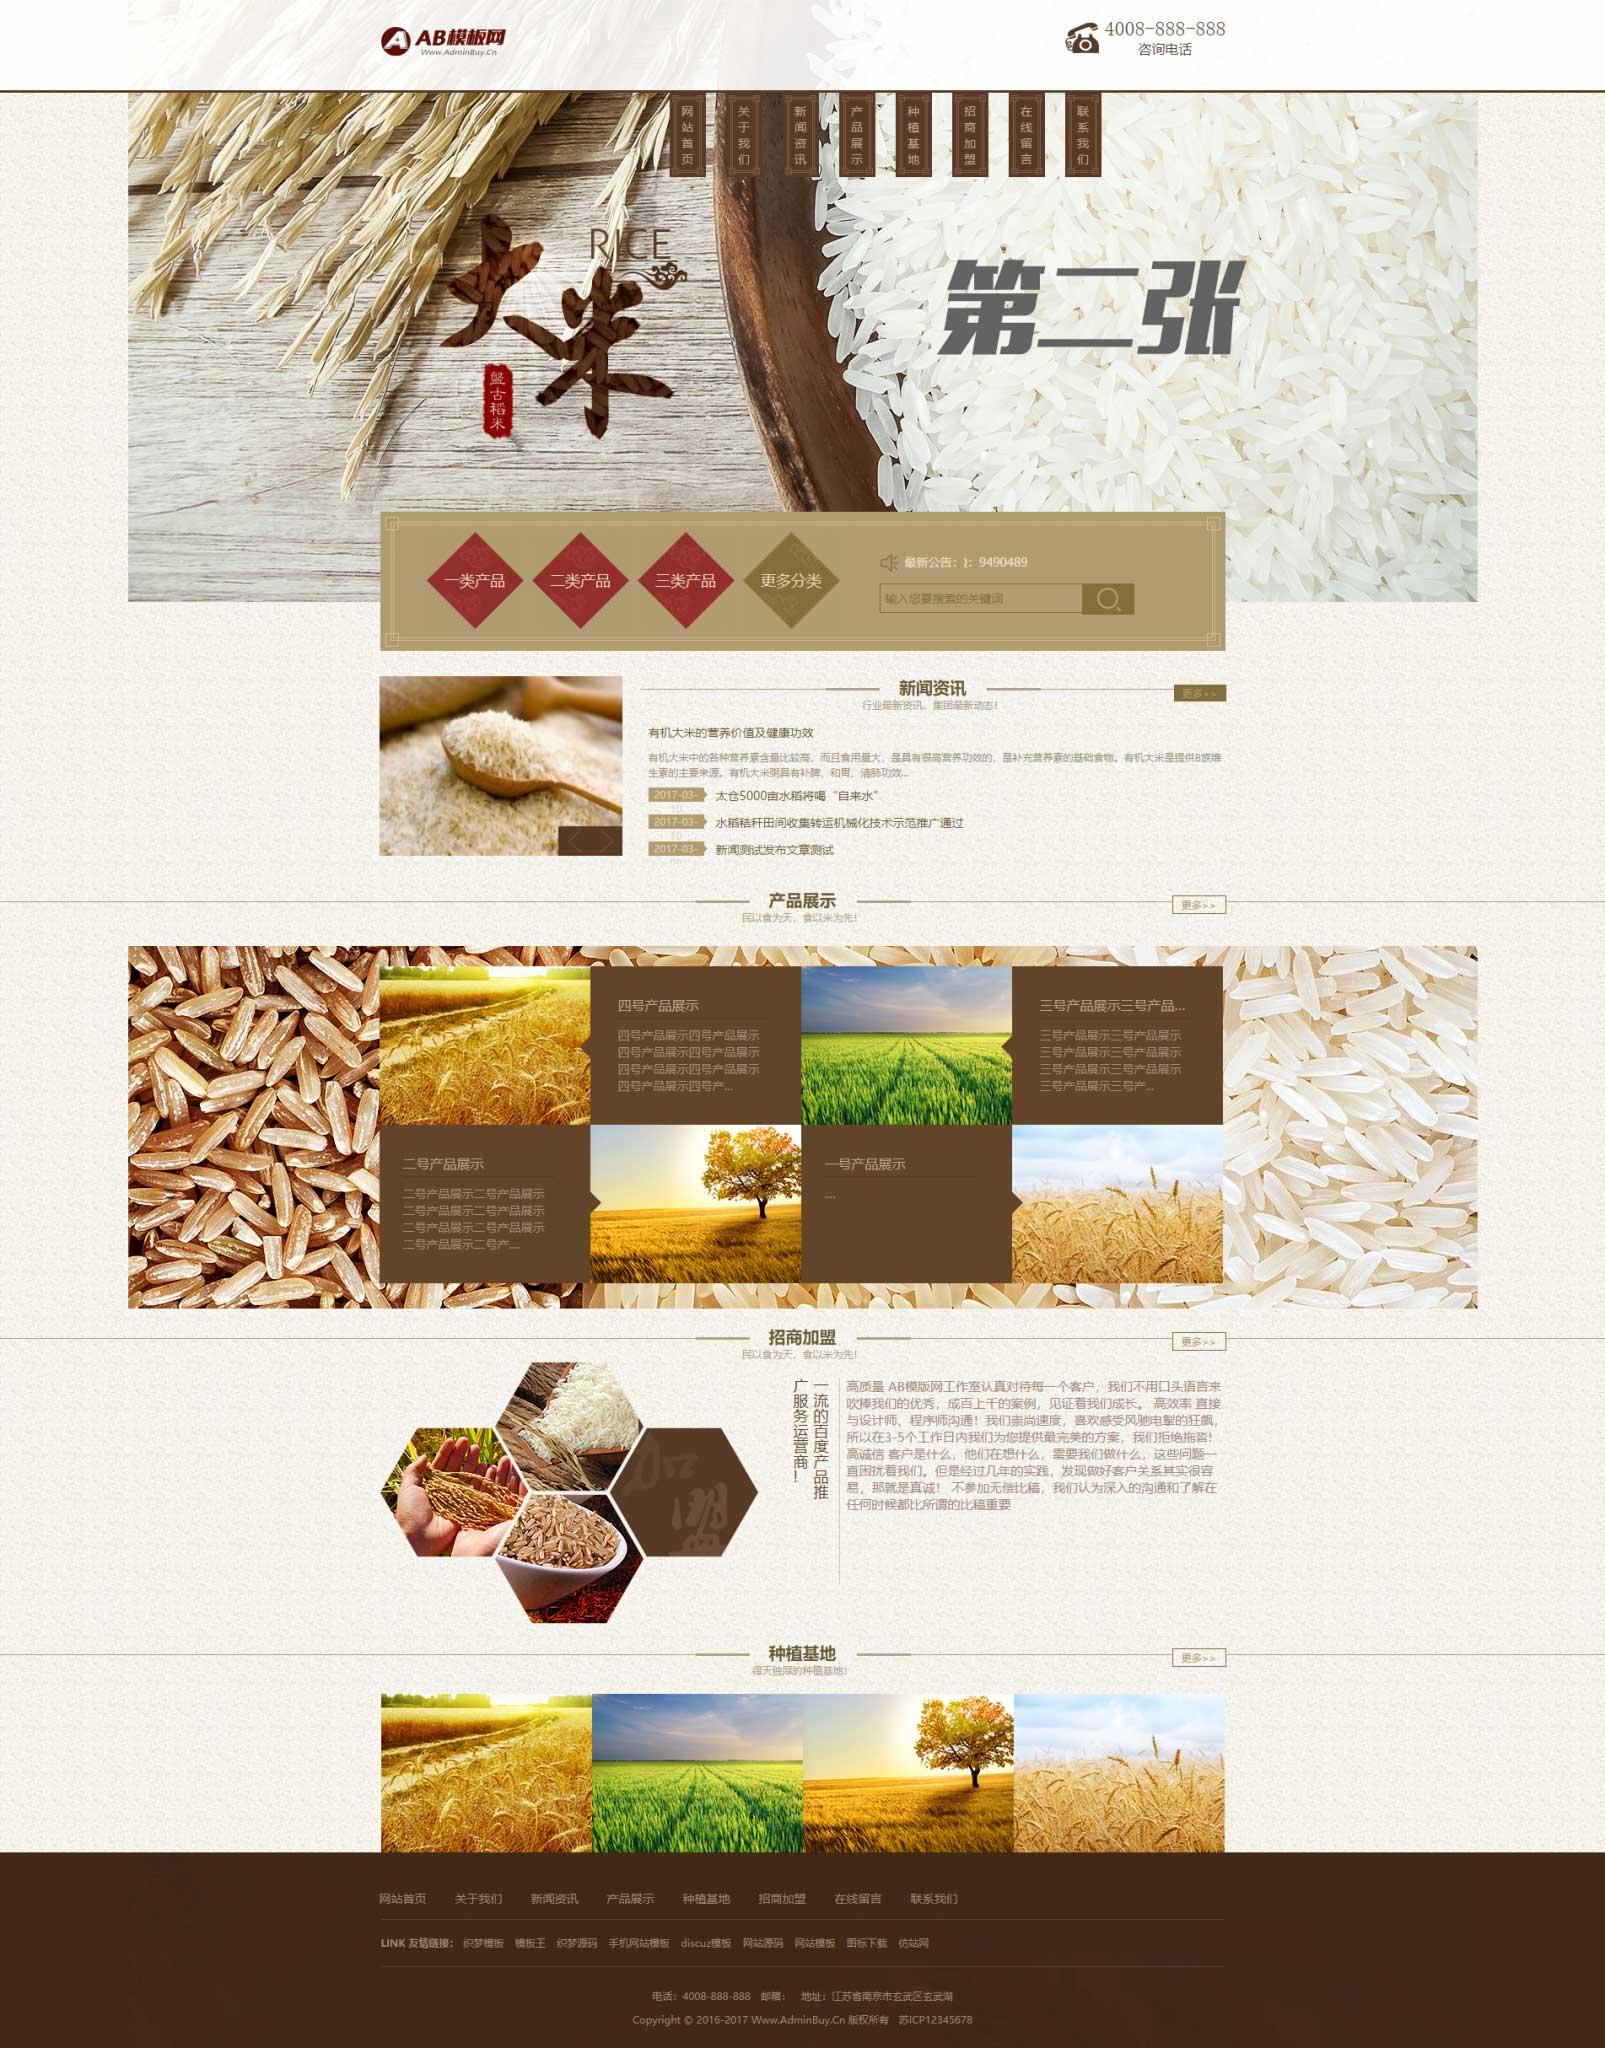 大米谷物粮食公司企业网站织梦dede模板源码插图